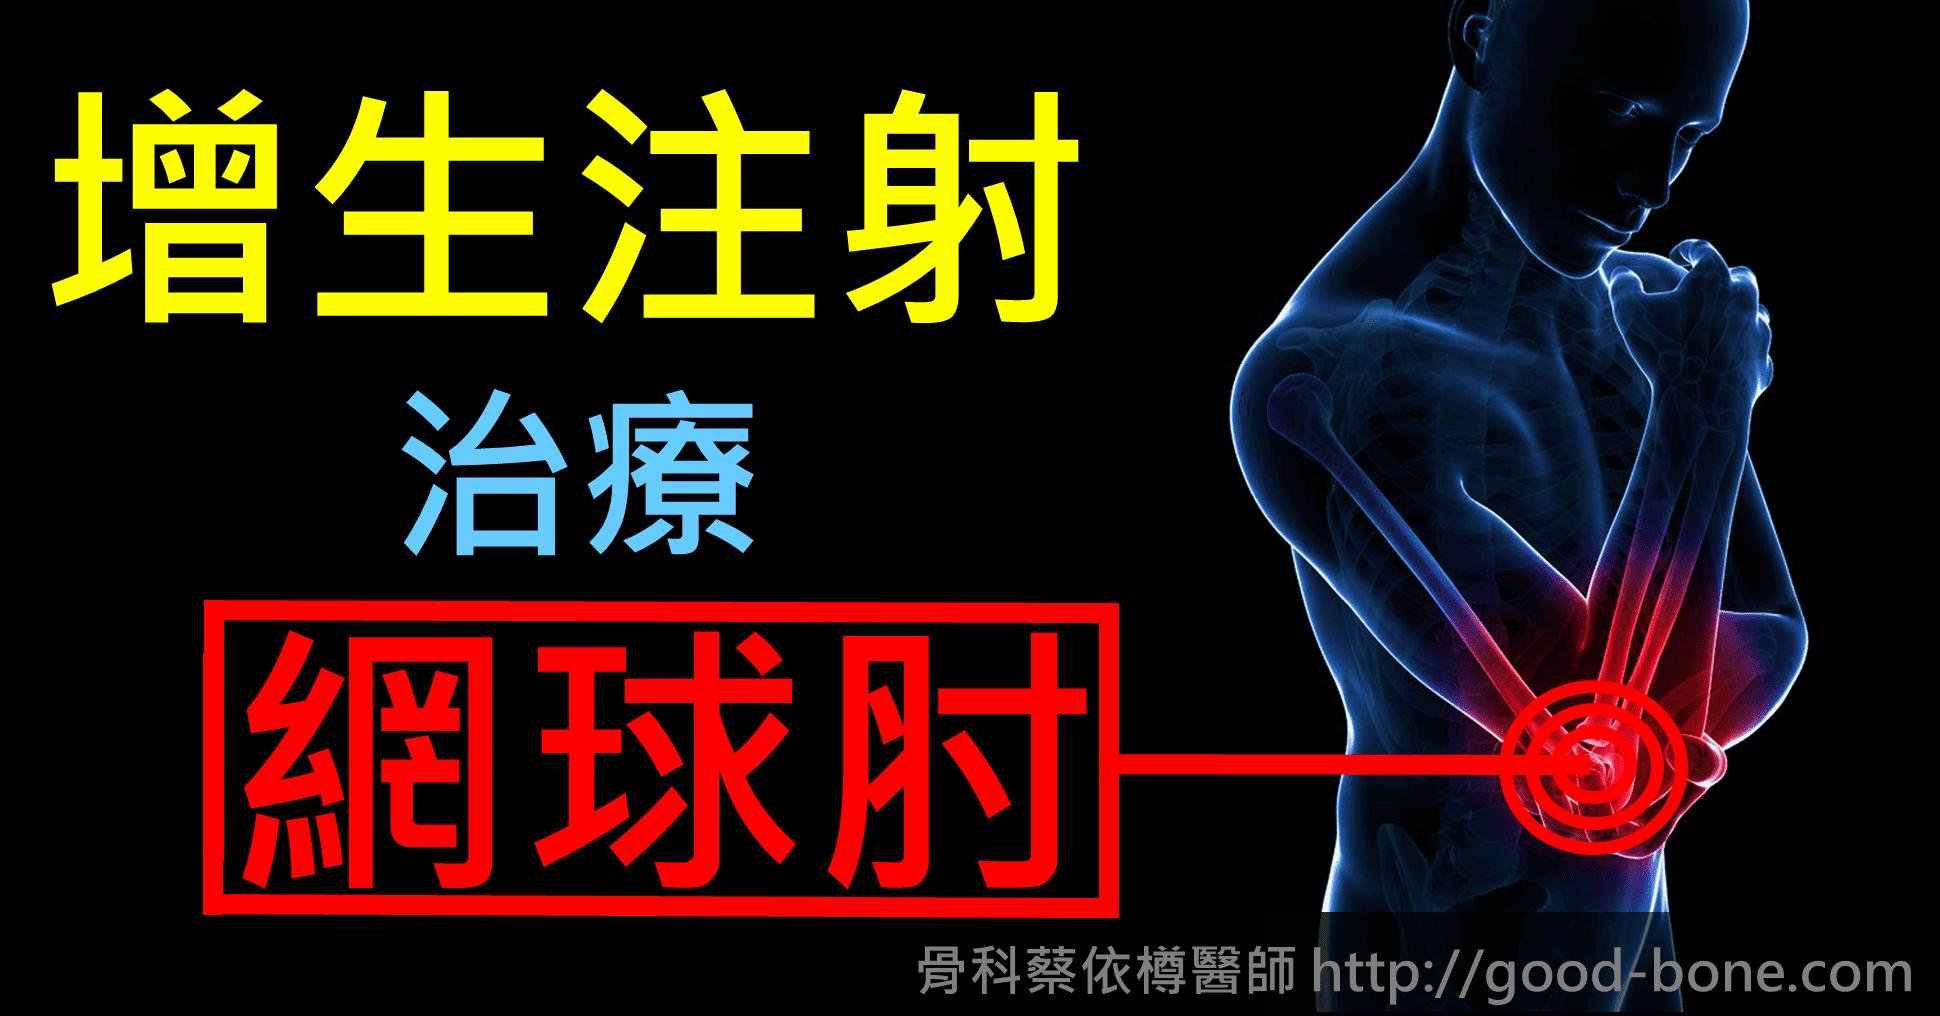 增生注射治療網球肘 台中骨科蔡依樽醫師https://good-bone.com